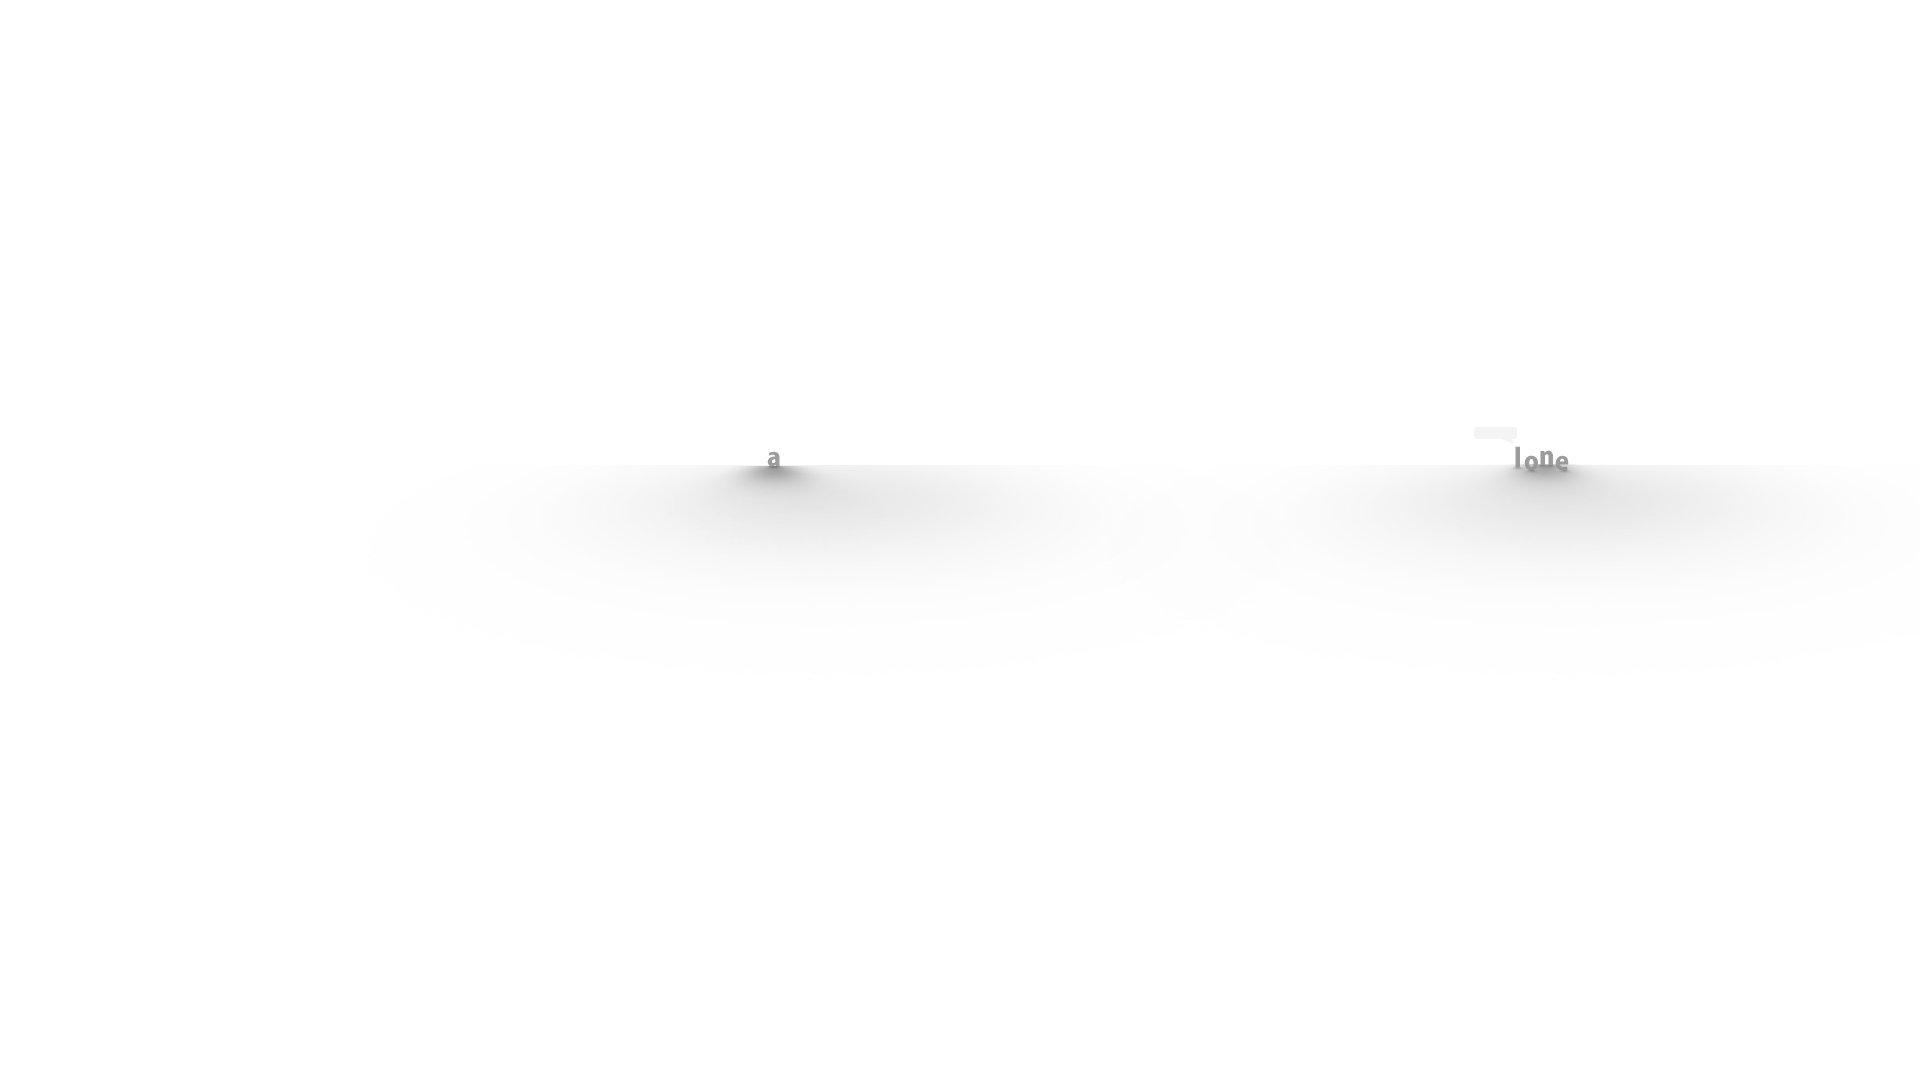 Great Wallpaper Black And White Minimalist - 788535590c5507ea9901dc98f9247e88  Graphic_174863.jpg